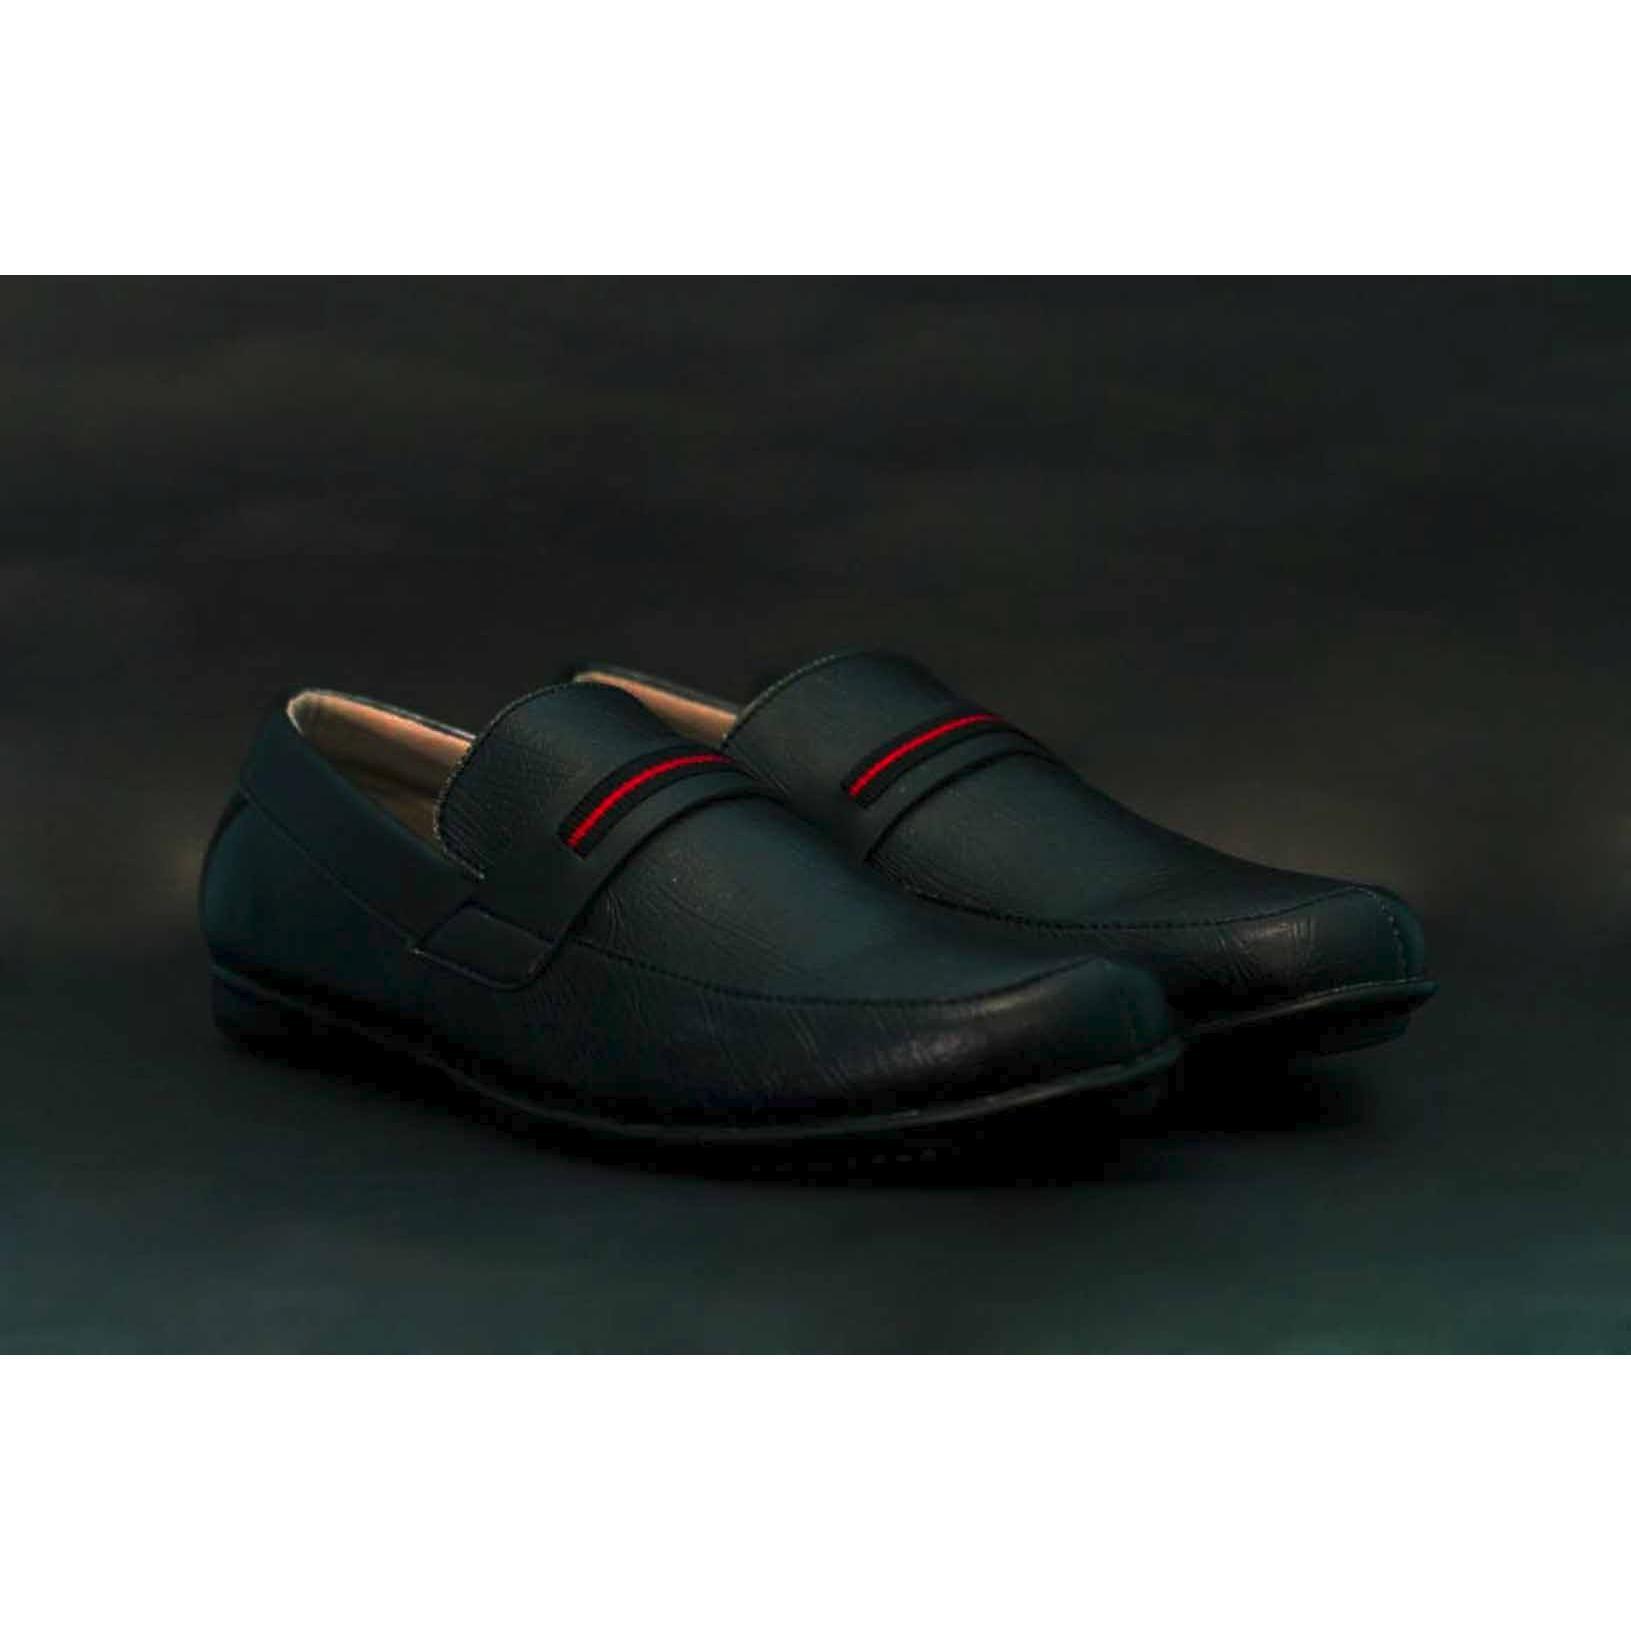 sepatu slop pria bahan suede premium buat santai / casual model slip on cocok for kerja formal kerja kantor